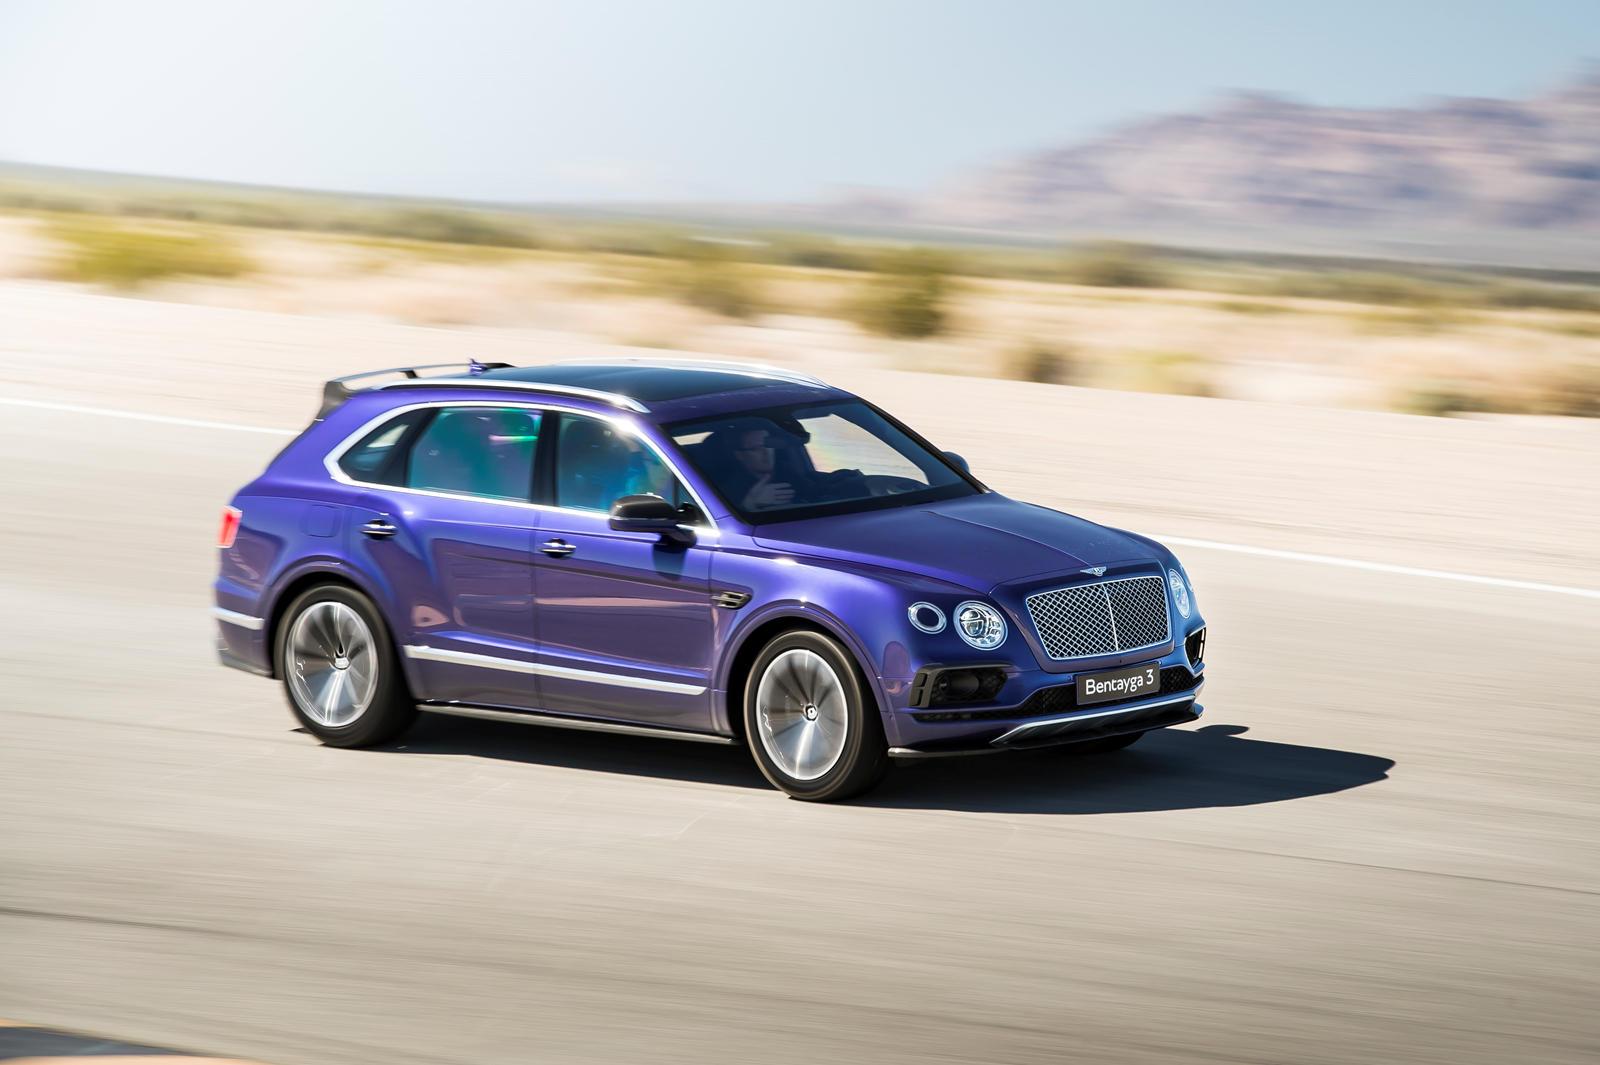 Помимо передачи солидной суммы денег, создание вашего идеального британского шедевра еще более усложняется благодаря огромной гамме цветов кузова производителя. Для тех, кто не может решить, может быть, лучше всего купить Bentley во всех ваших любимы